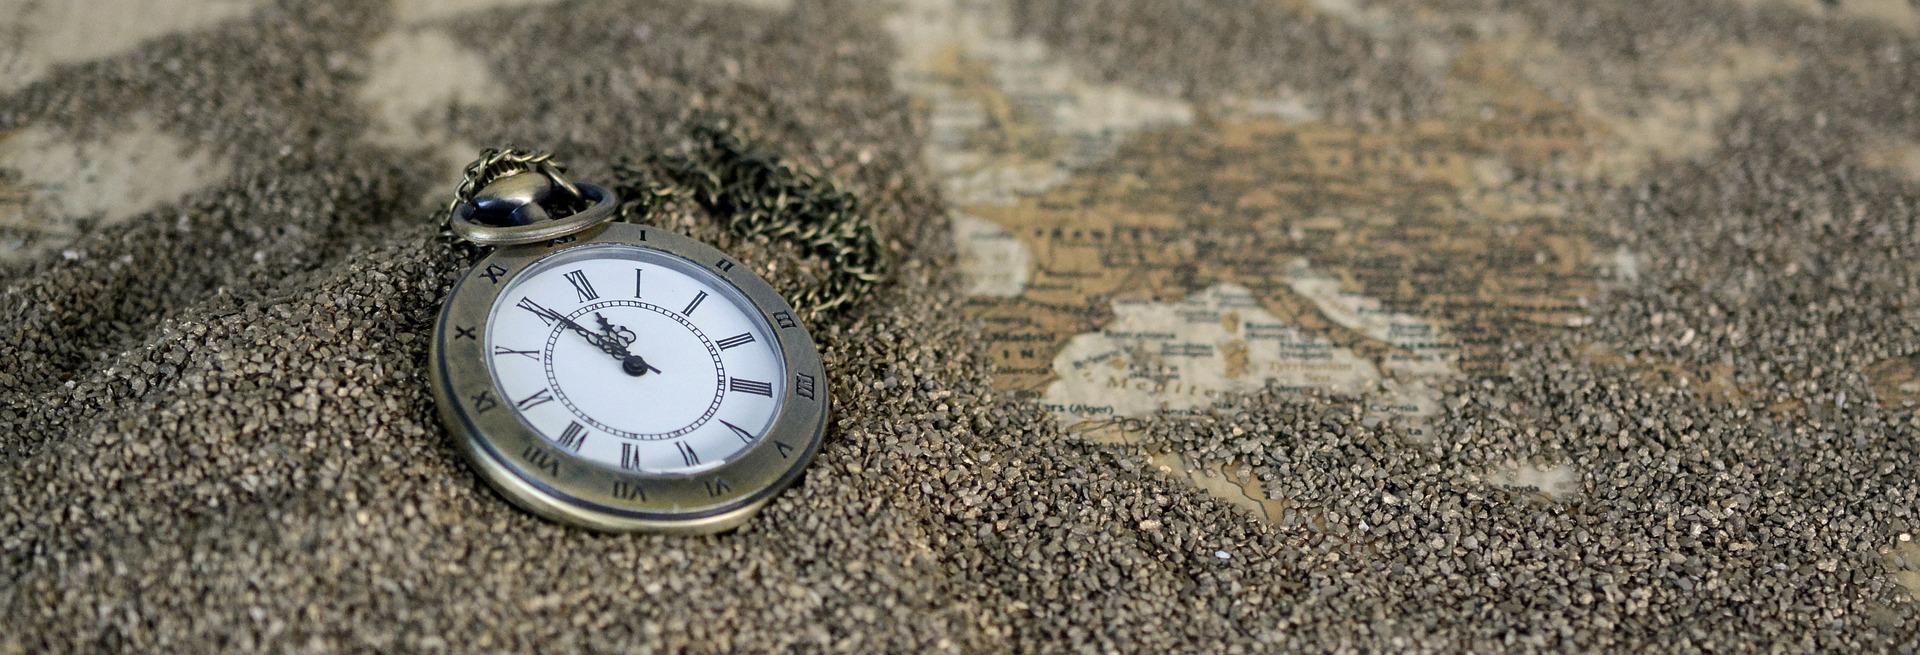 Prendi un orologio ma non dirmi l'ora